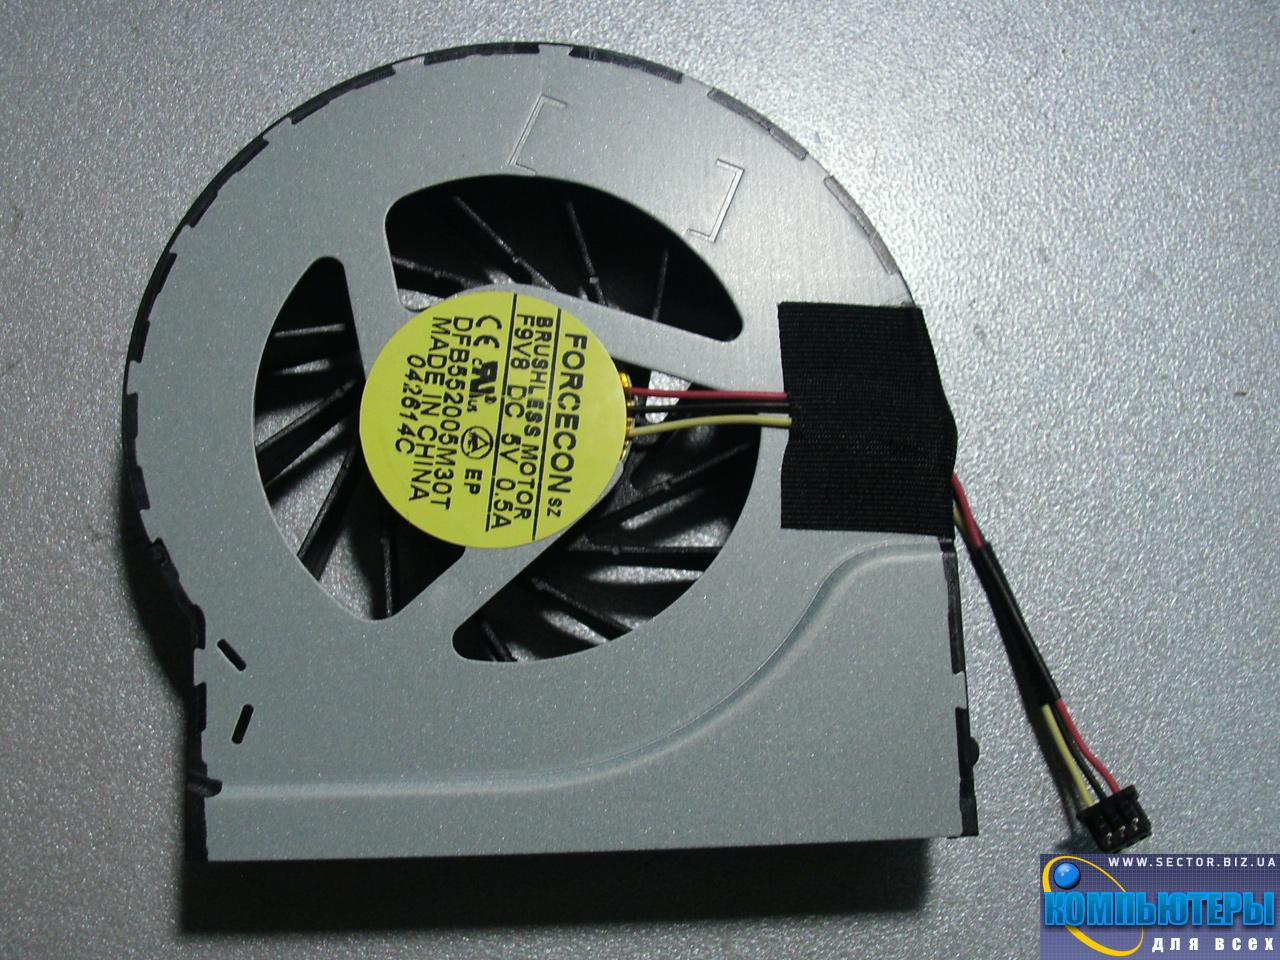 Кулер к ноутбуку HP Pavilion DV6-3000 DV6T-3000 DV7-4000 DV7T-4000 DV7-4100 p/n: DFS552005M30T F9V8. Фото № 2.